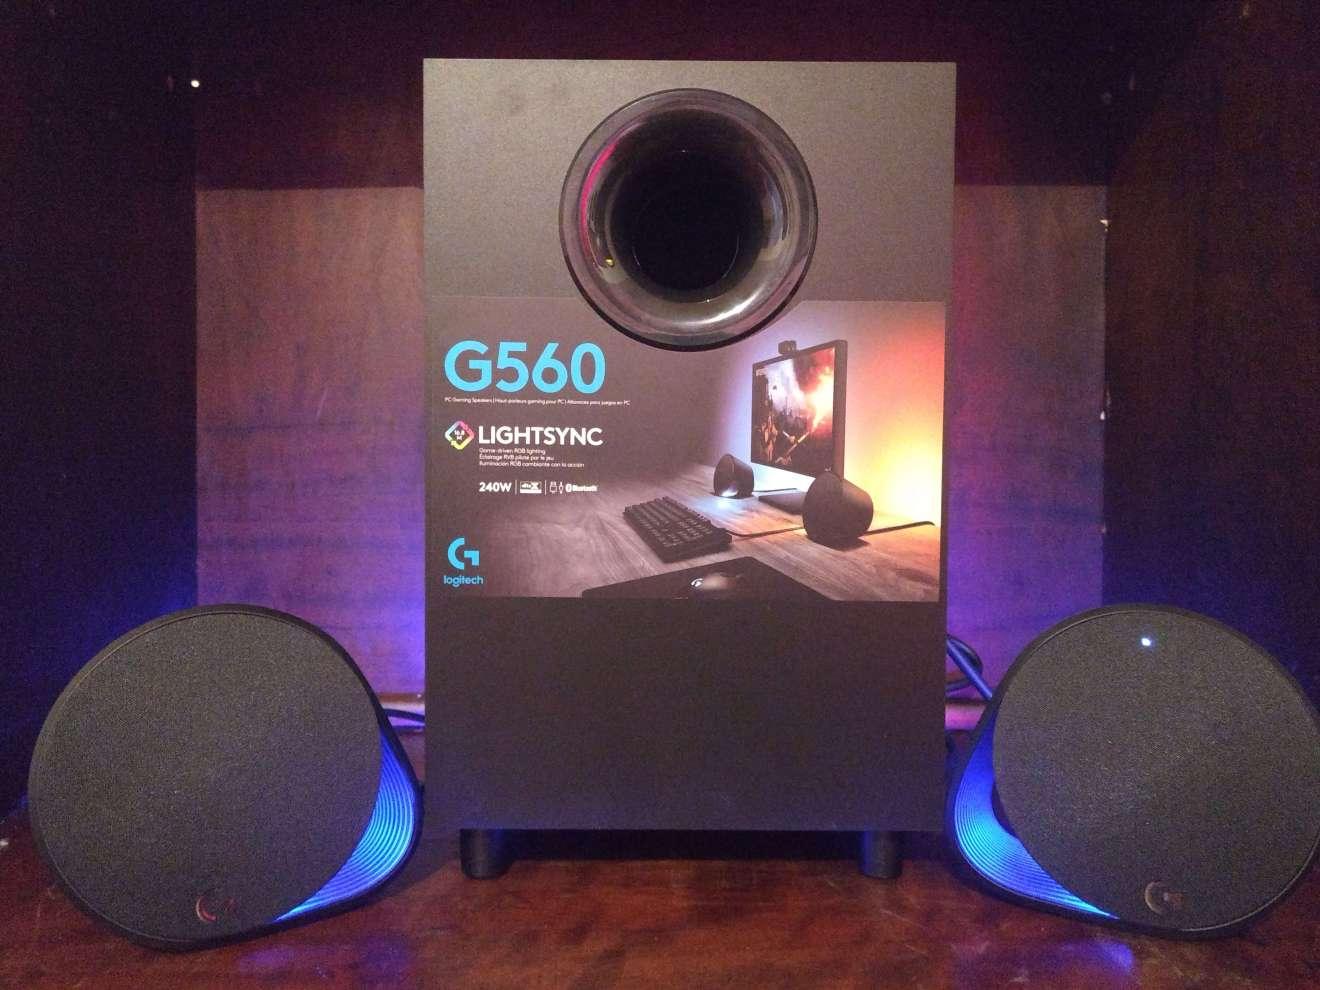 Review: Logitech G560 entrega iluminação e áudio imersivos para jogos 5